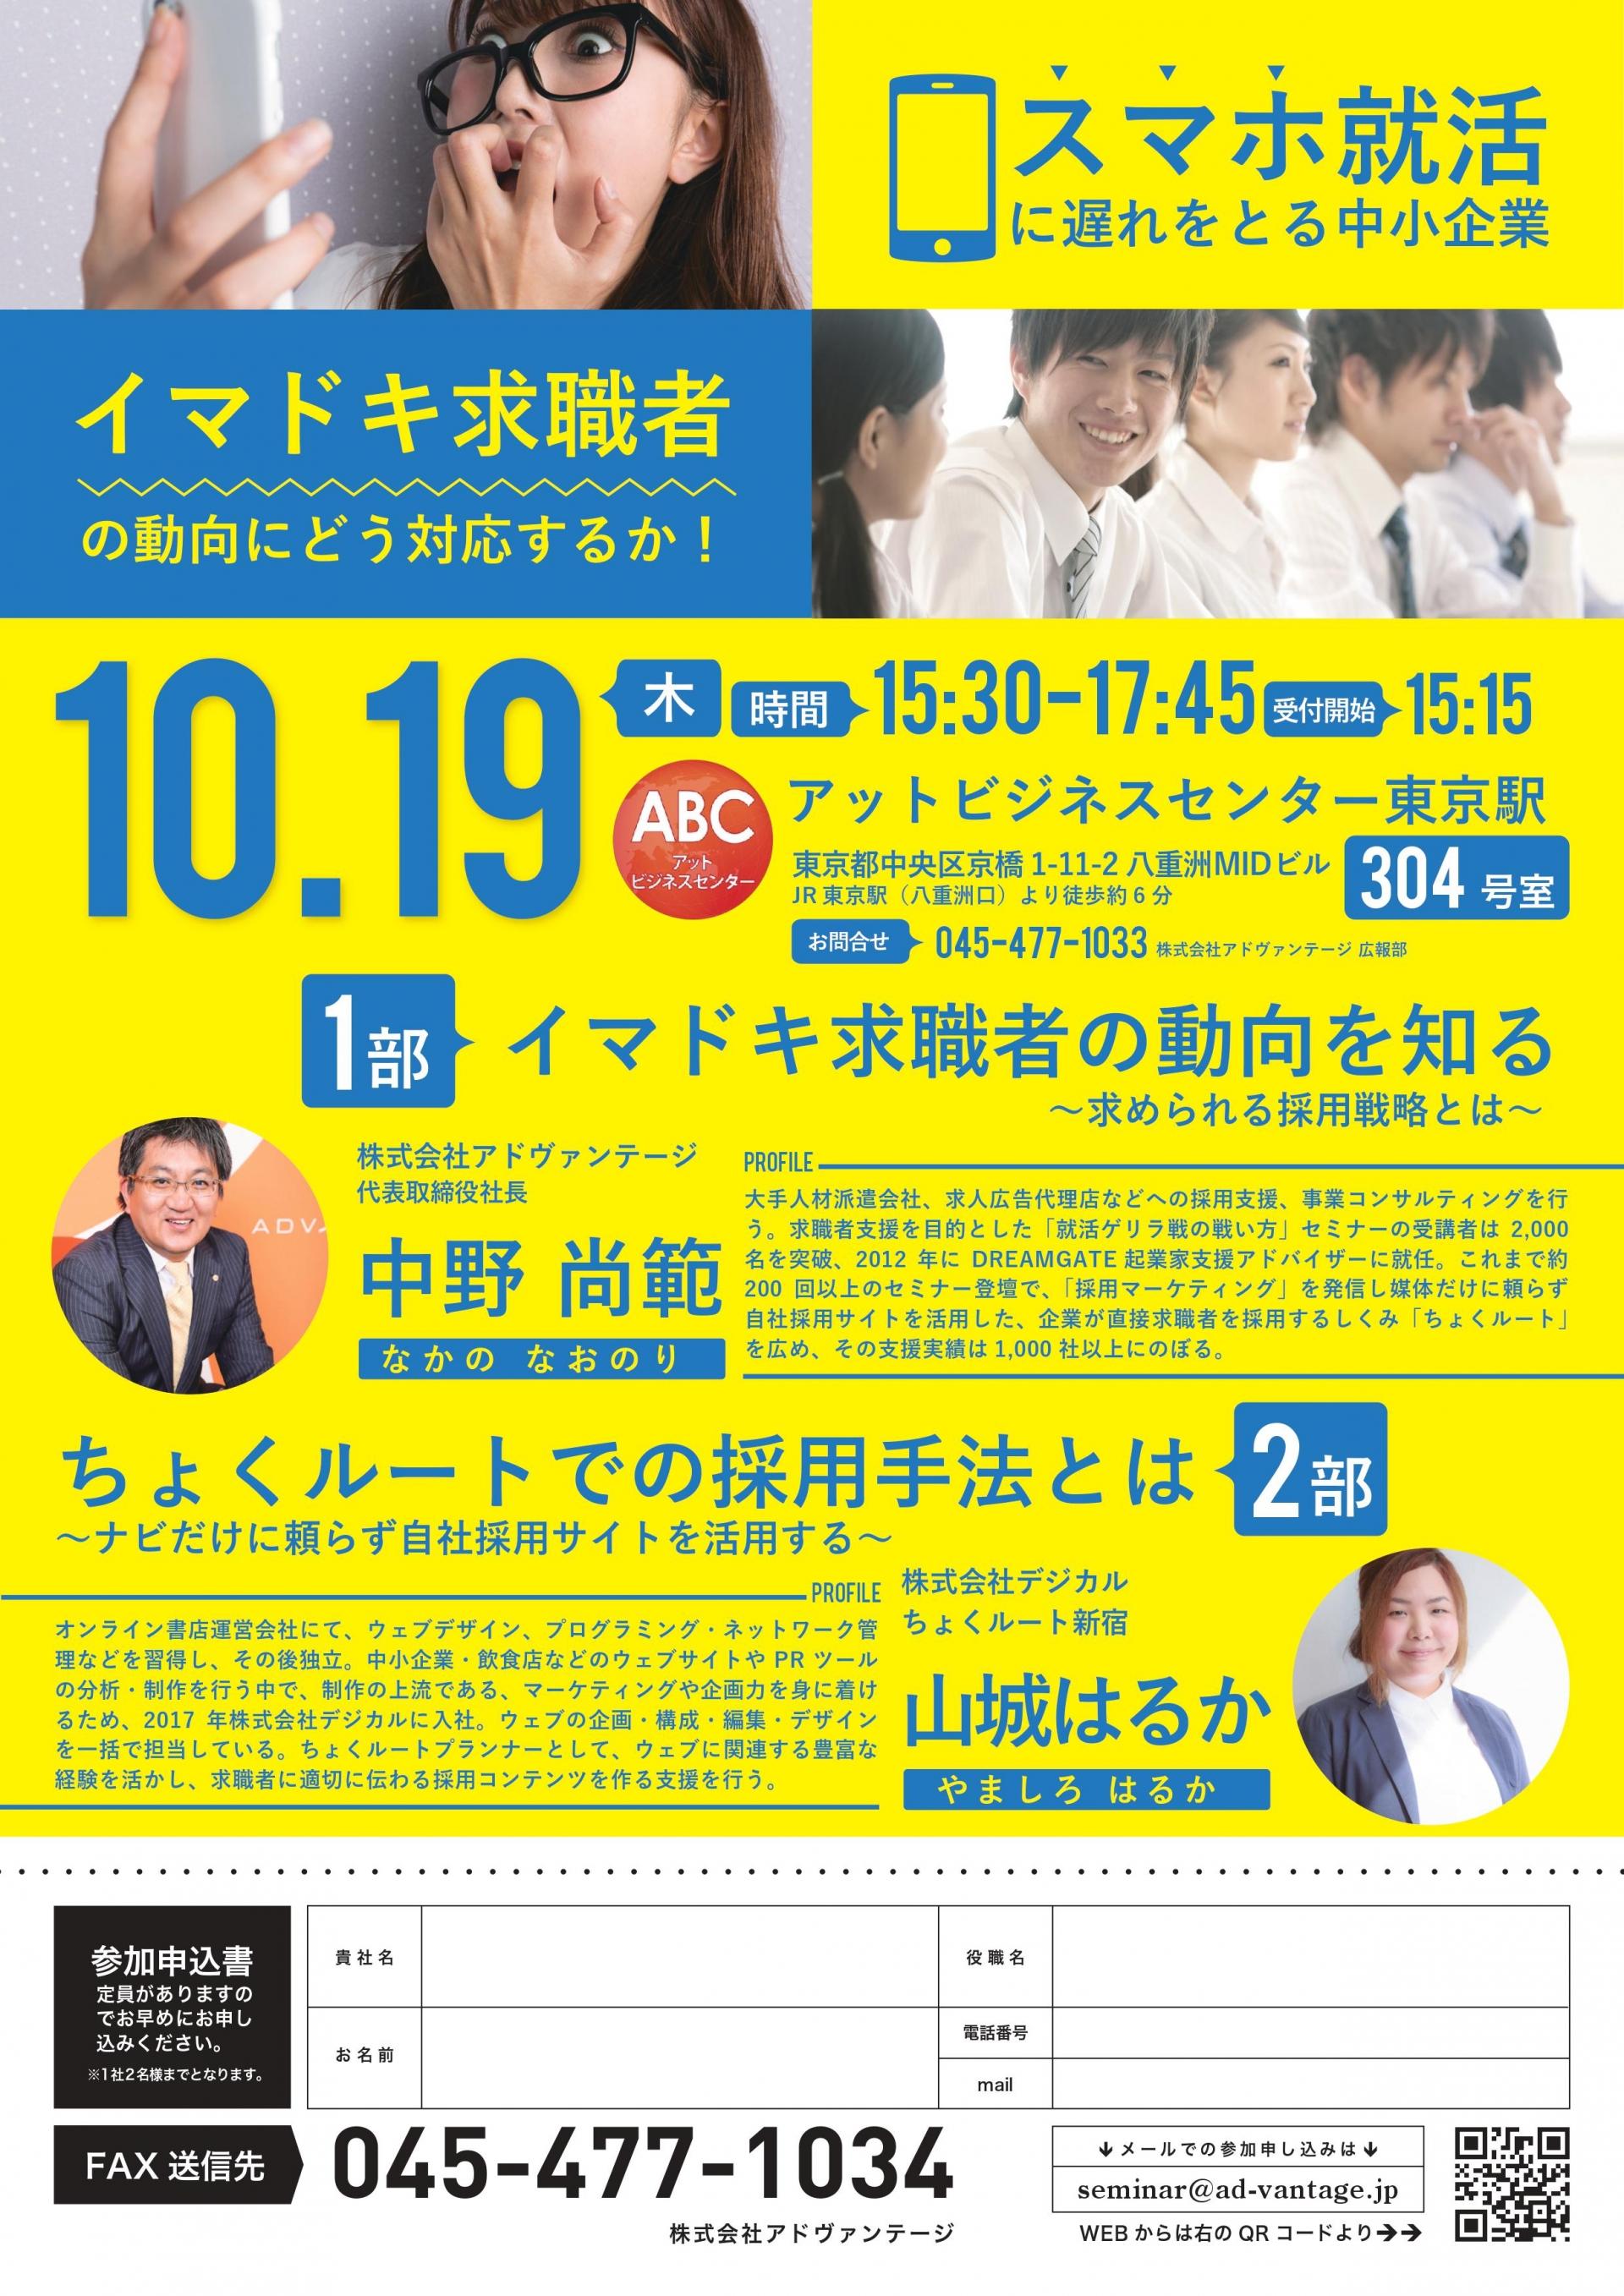 【東京10/19~@東京駅】採用担当者様・企業代表者様向け『スマホ就活に遅れをとる中小企業』勉強会&採用戦略